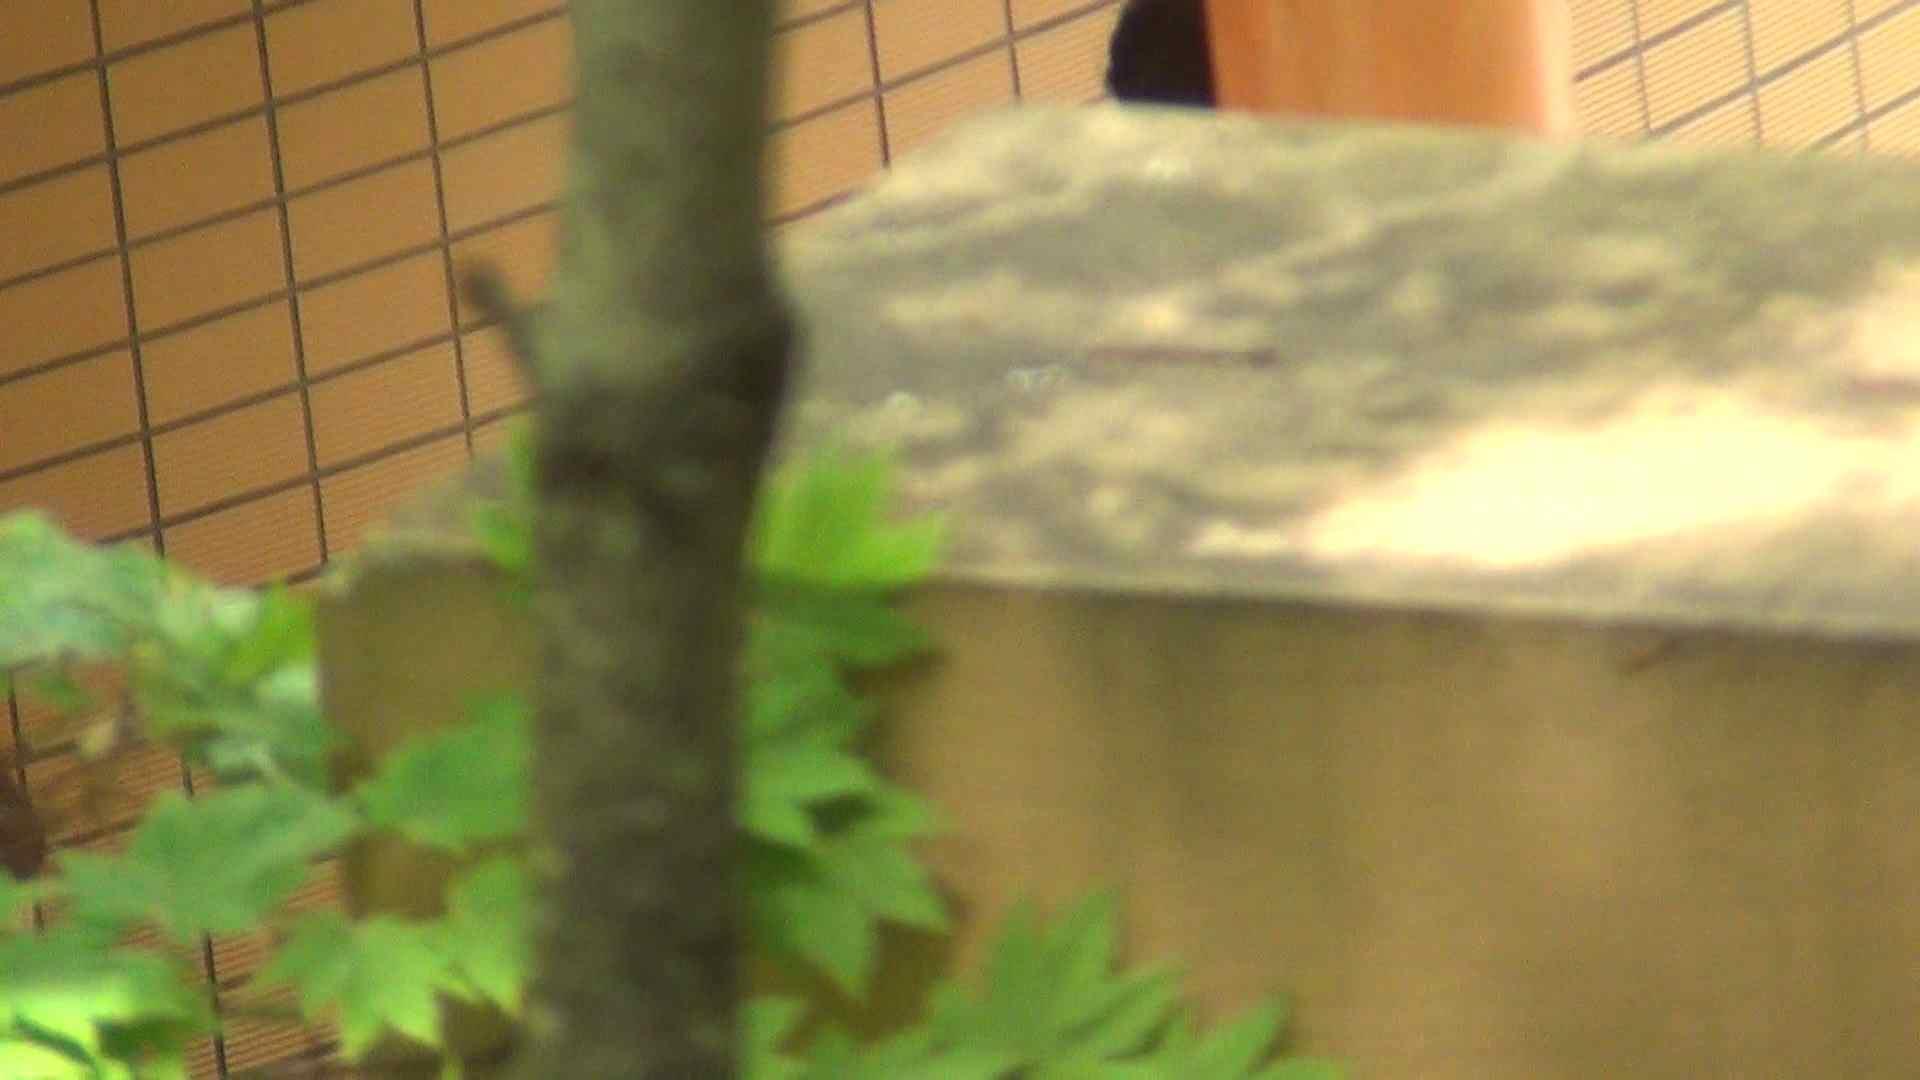 Aquaな露天風呂Vol.258 露天 | 盗撮特集  58画像 34